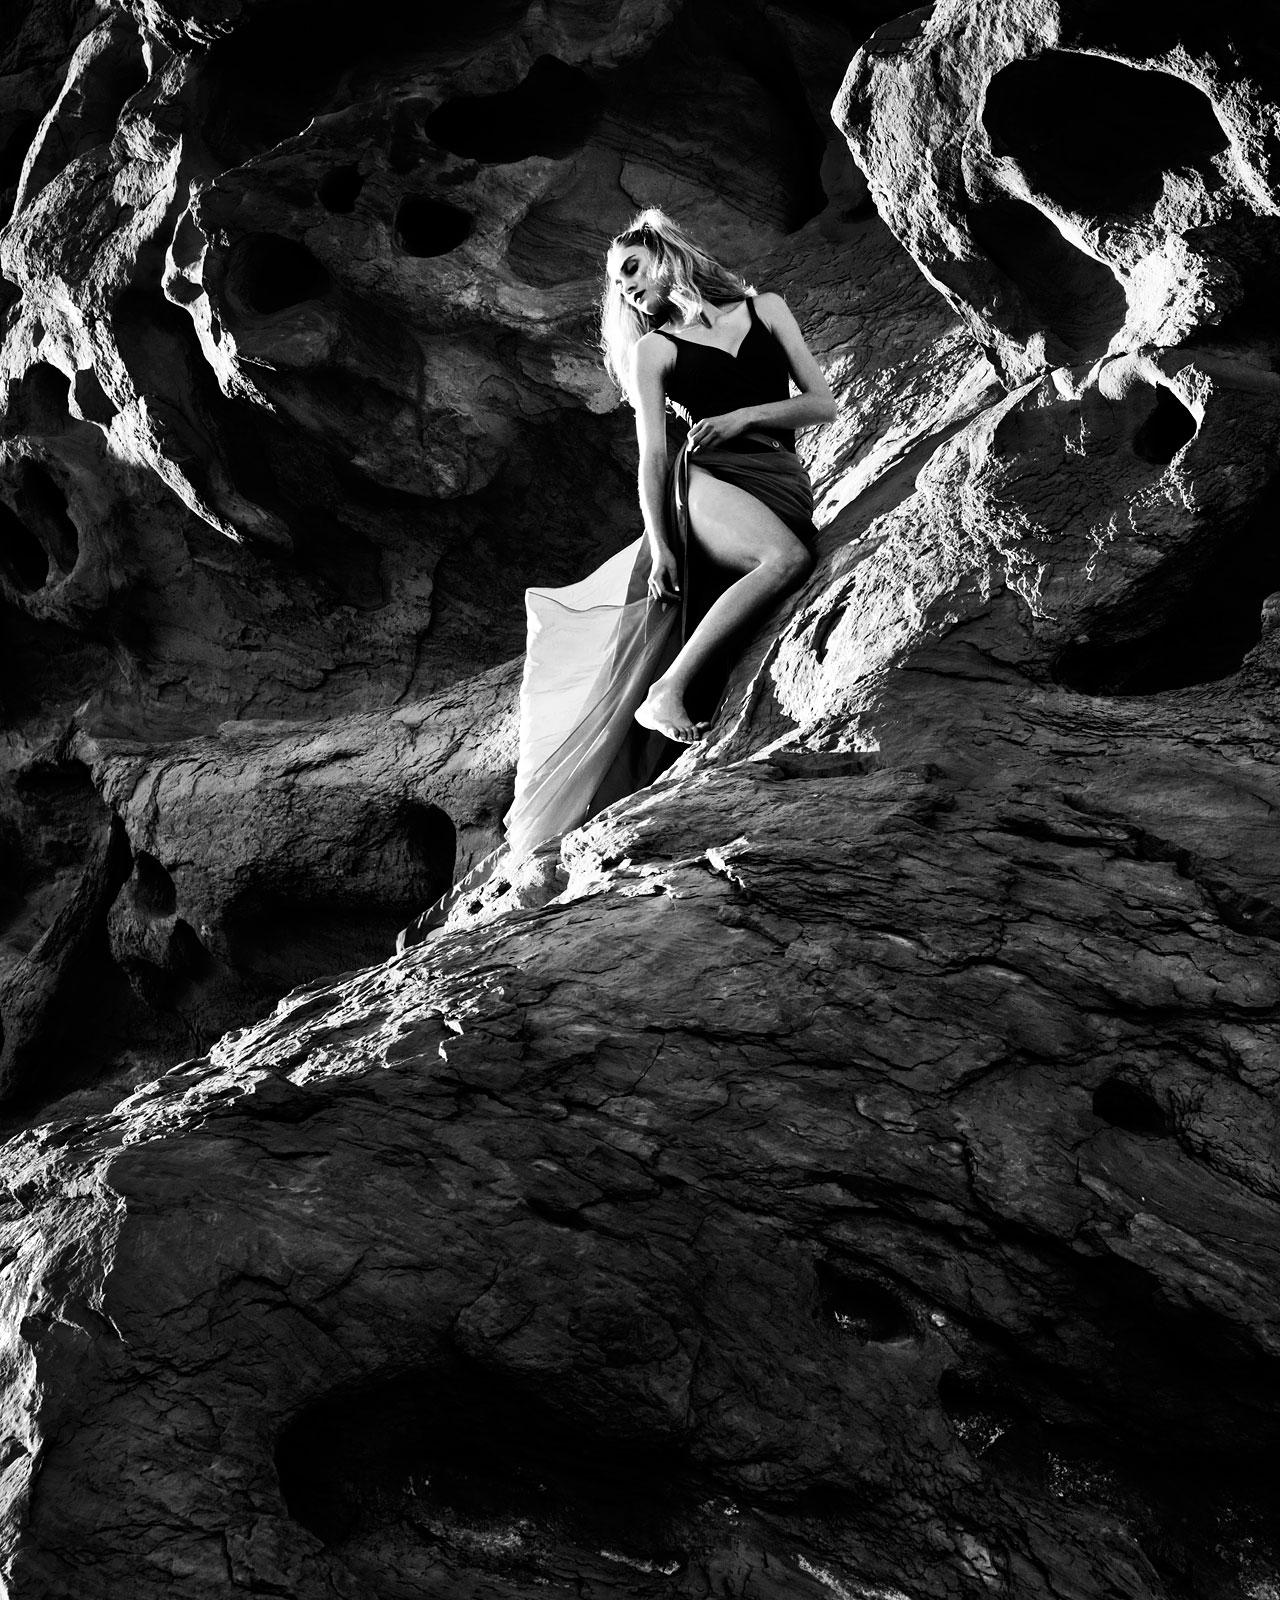 Foto in zwartwit van vrouw die steunt tegen rots in lange jurk